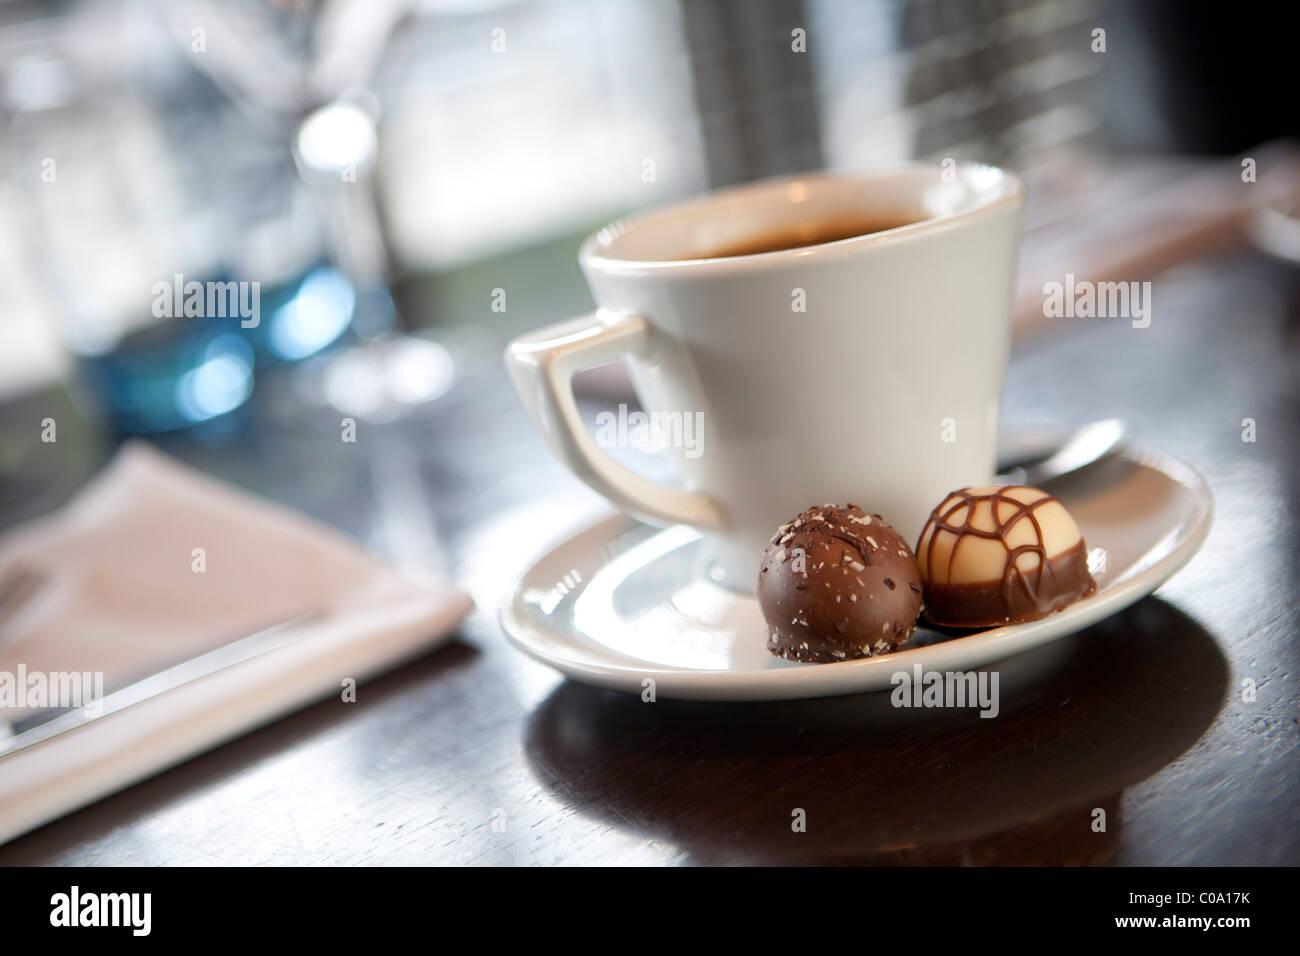 kaffeetasse mit 2 pralinen auf der untertasse auf einem tisch nach abendessen stockfoto bild. Black Bedroom Furniture Sets. Home Design Ideas